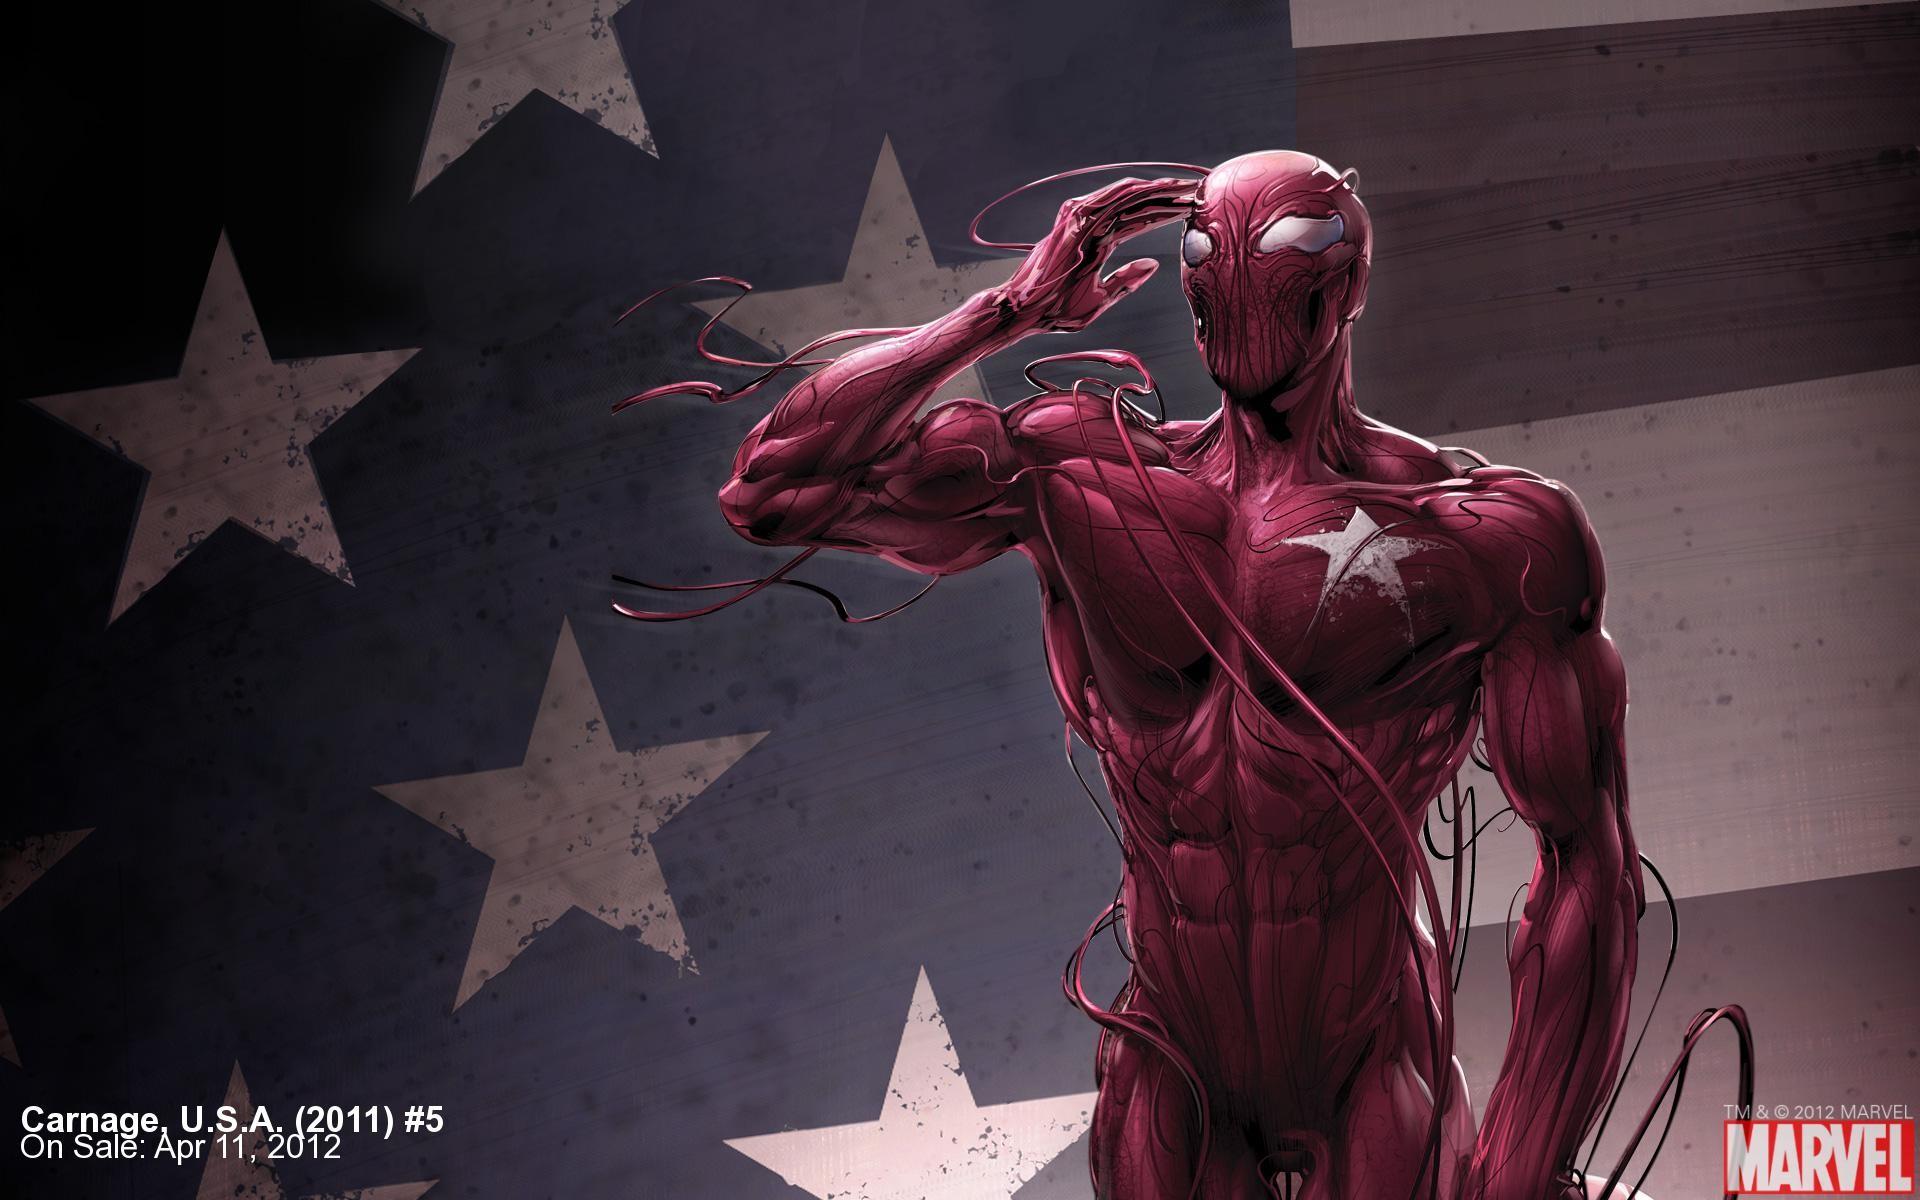 Carnage, U.S.A. (2011) #5   Marvel.com